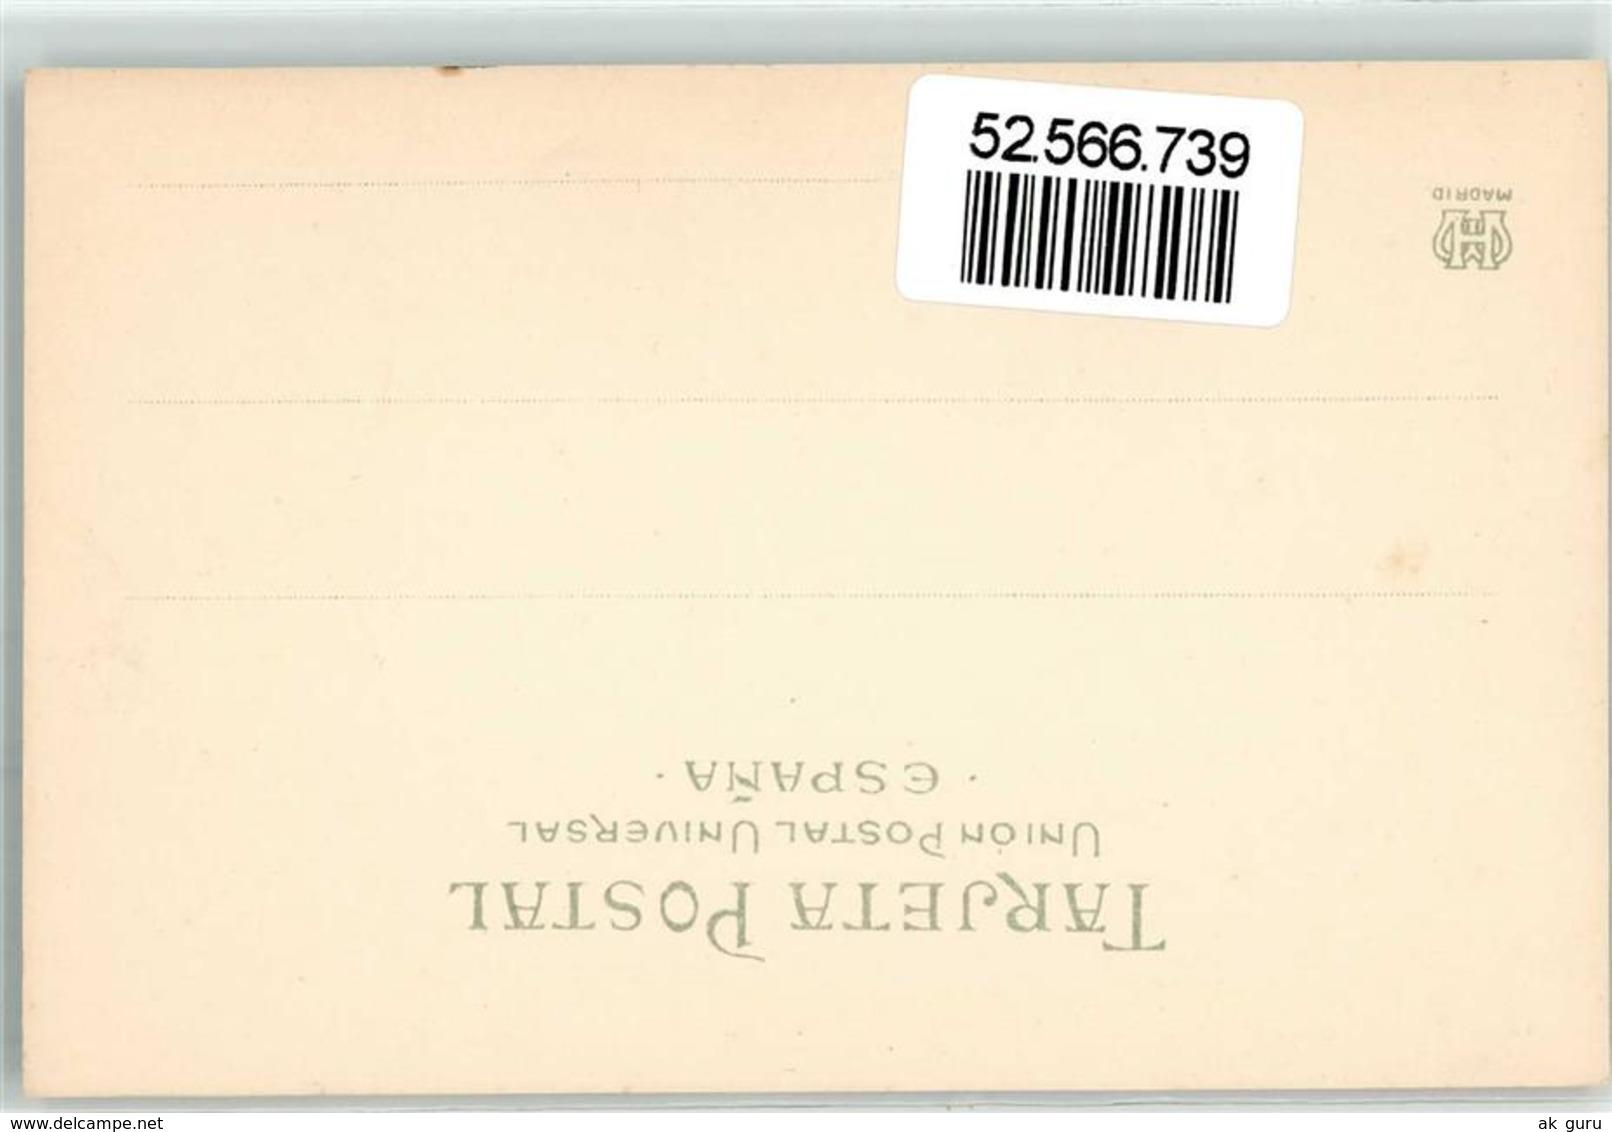 52566739 - Granada - Espagne